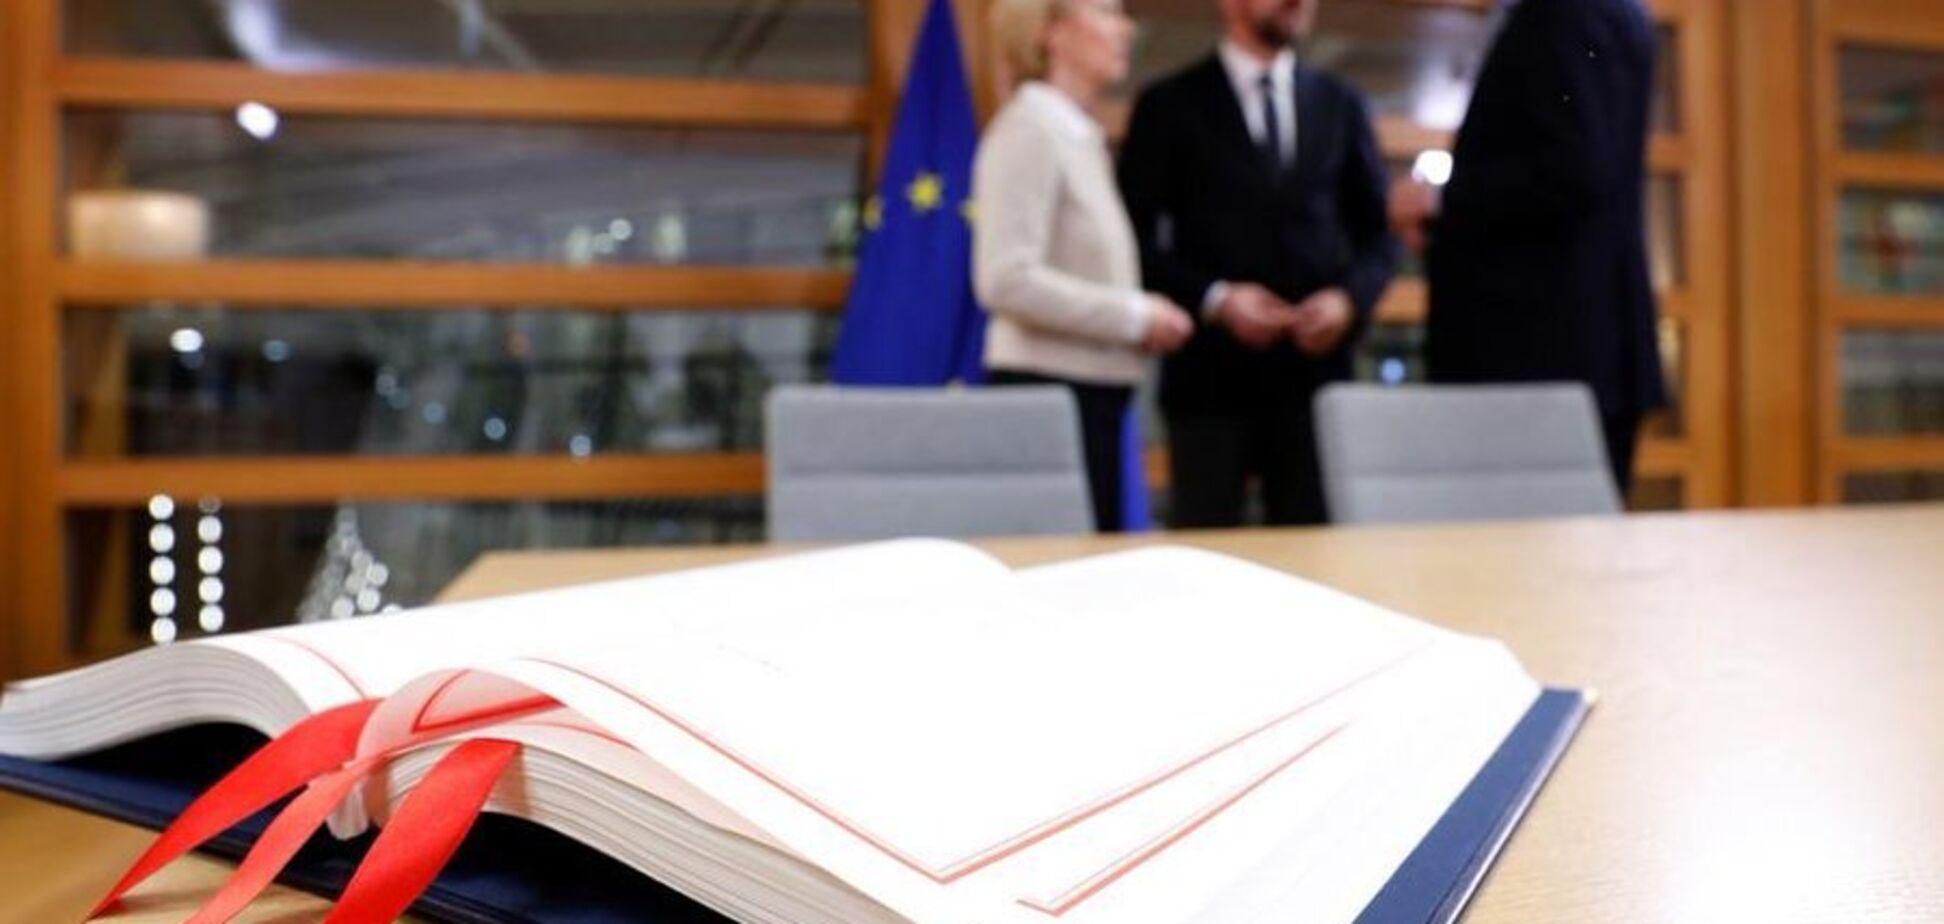 Главы ЕС подписали соглашение о Brexit